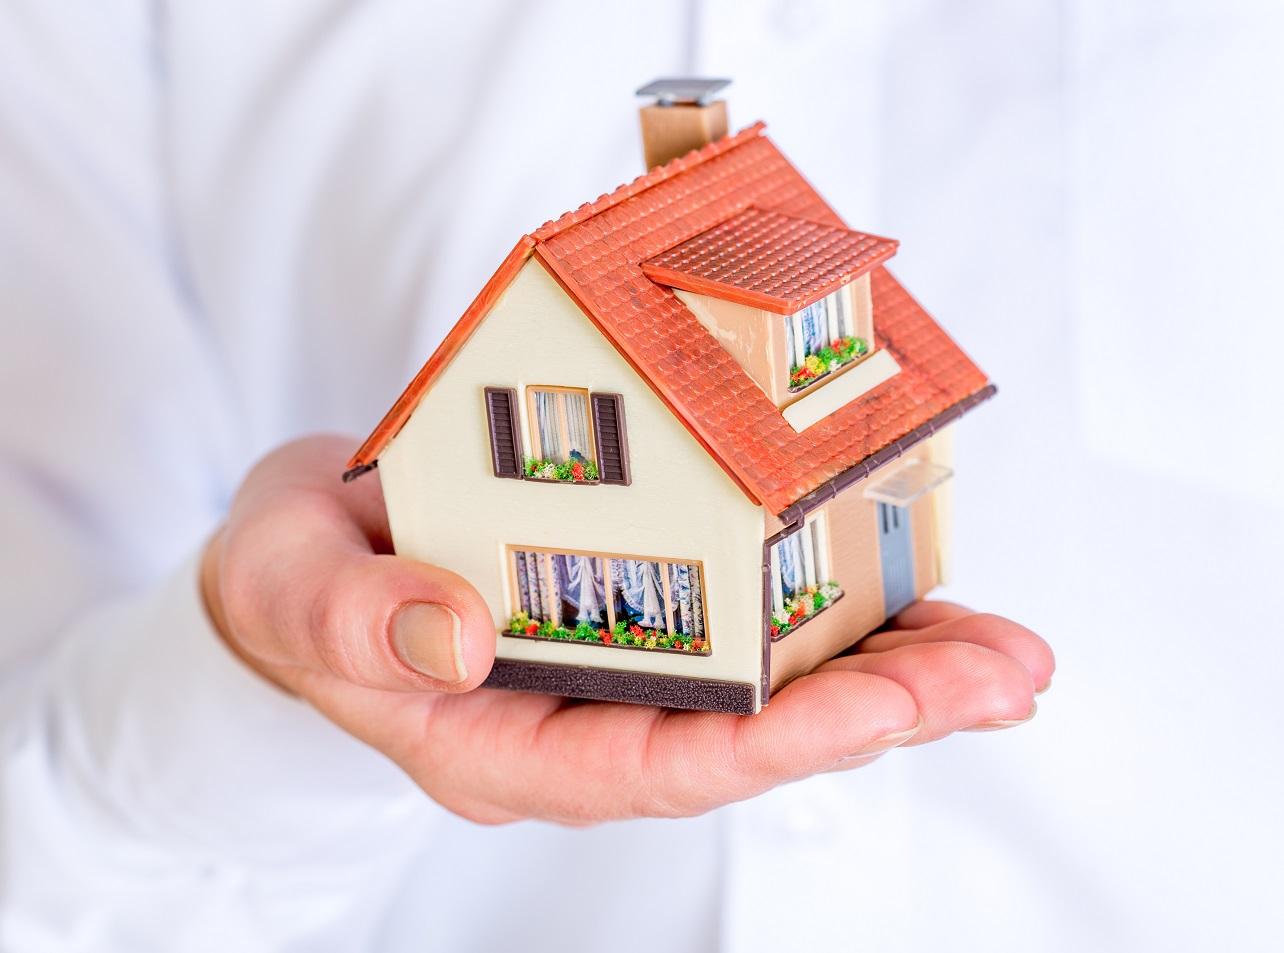 En hånd som holder et hus